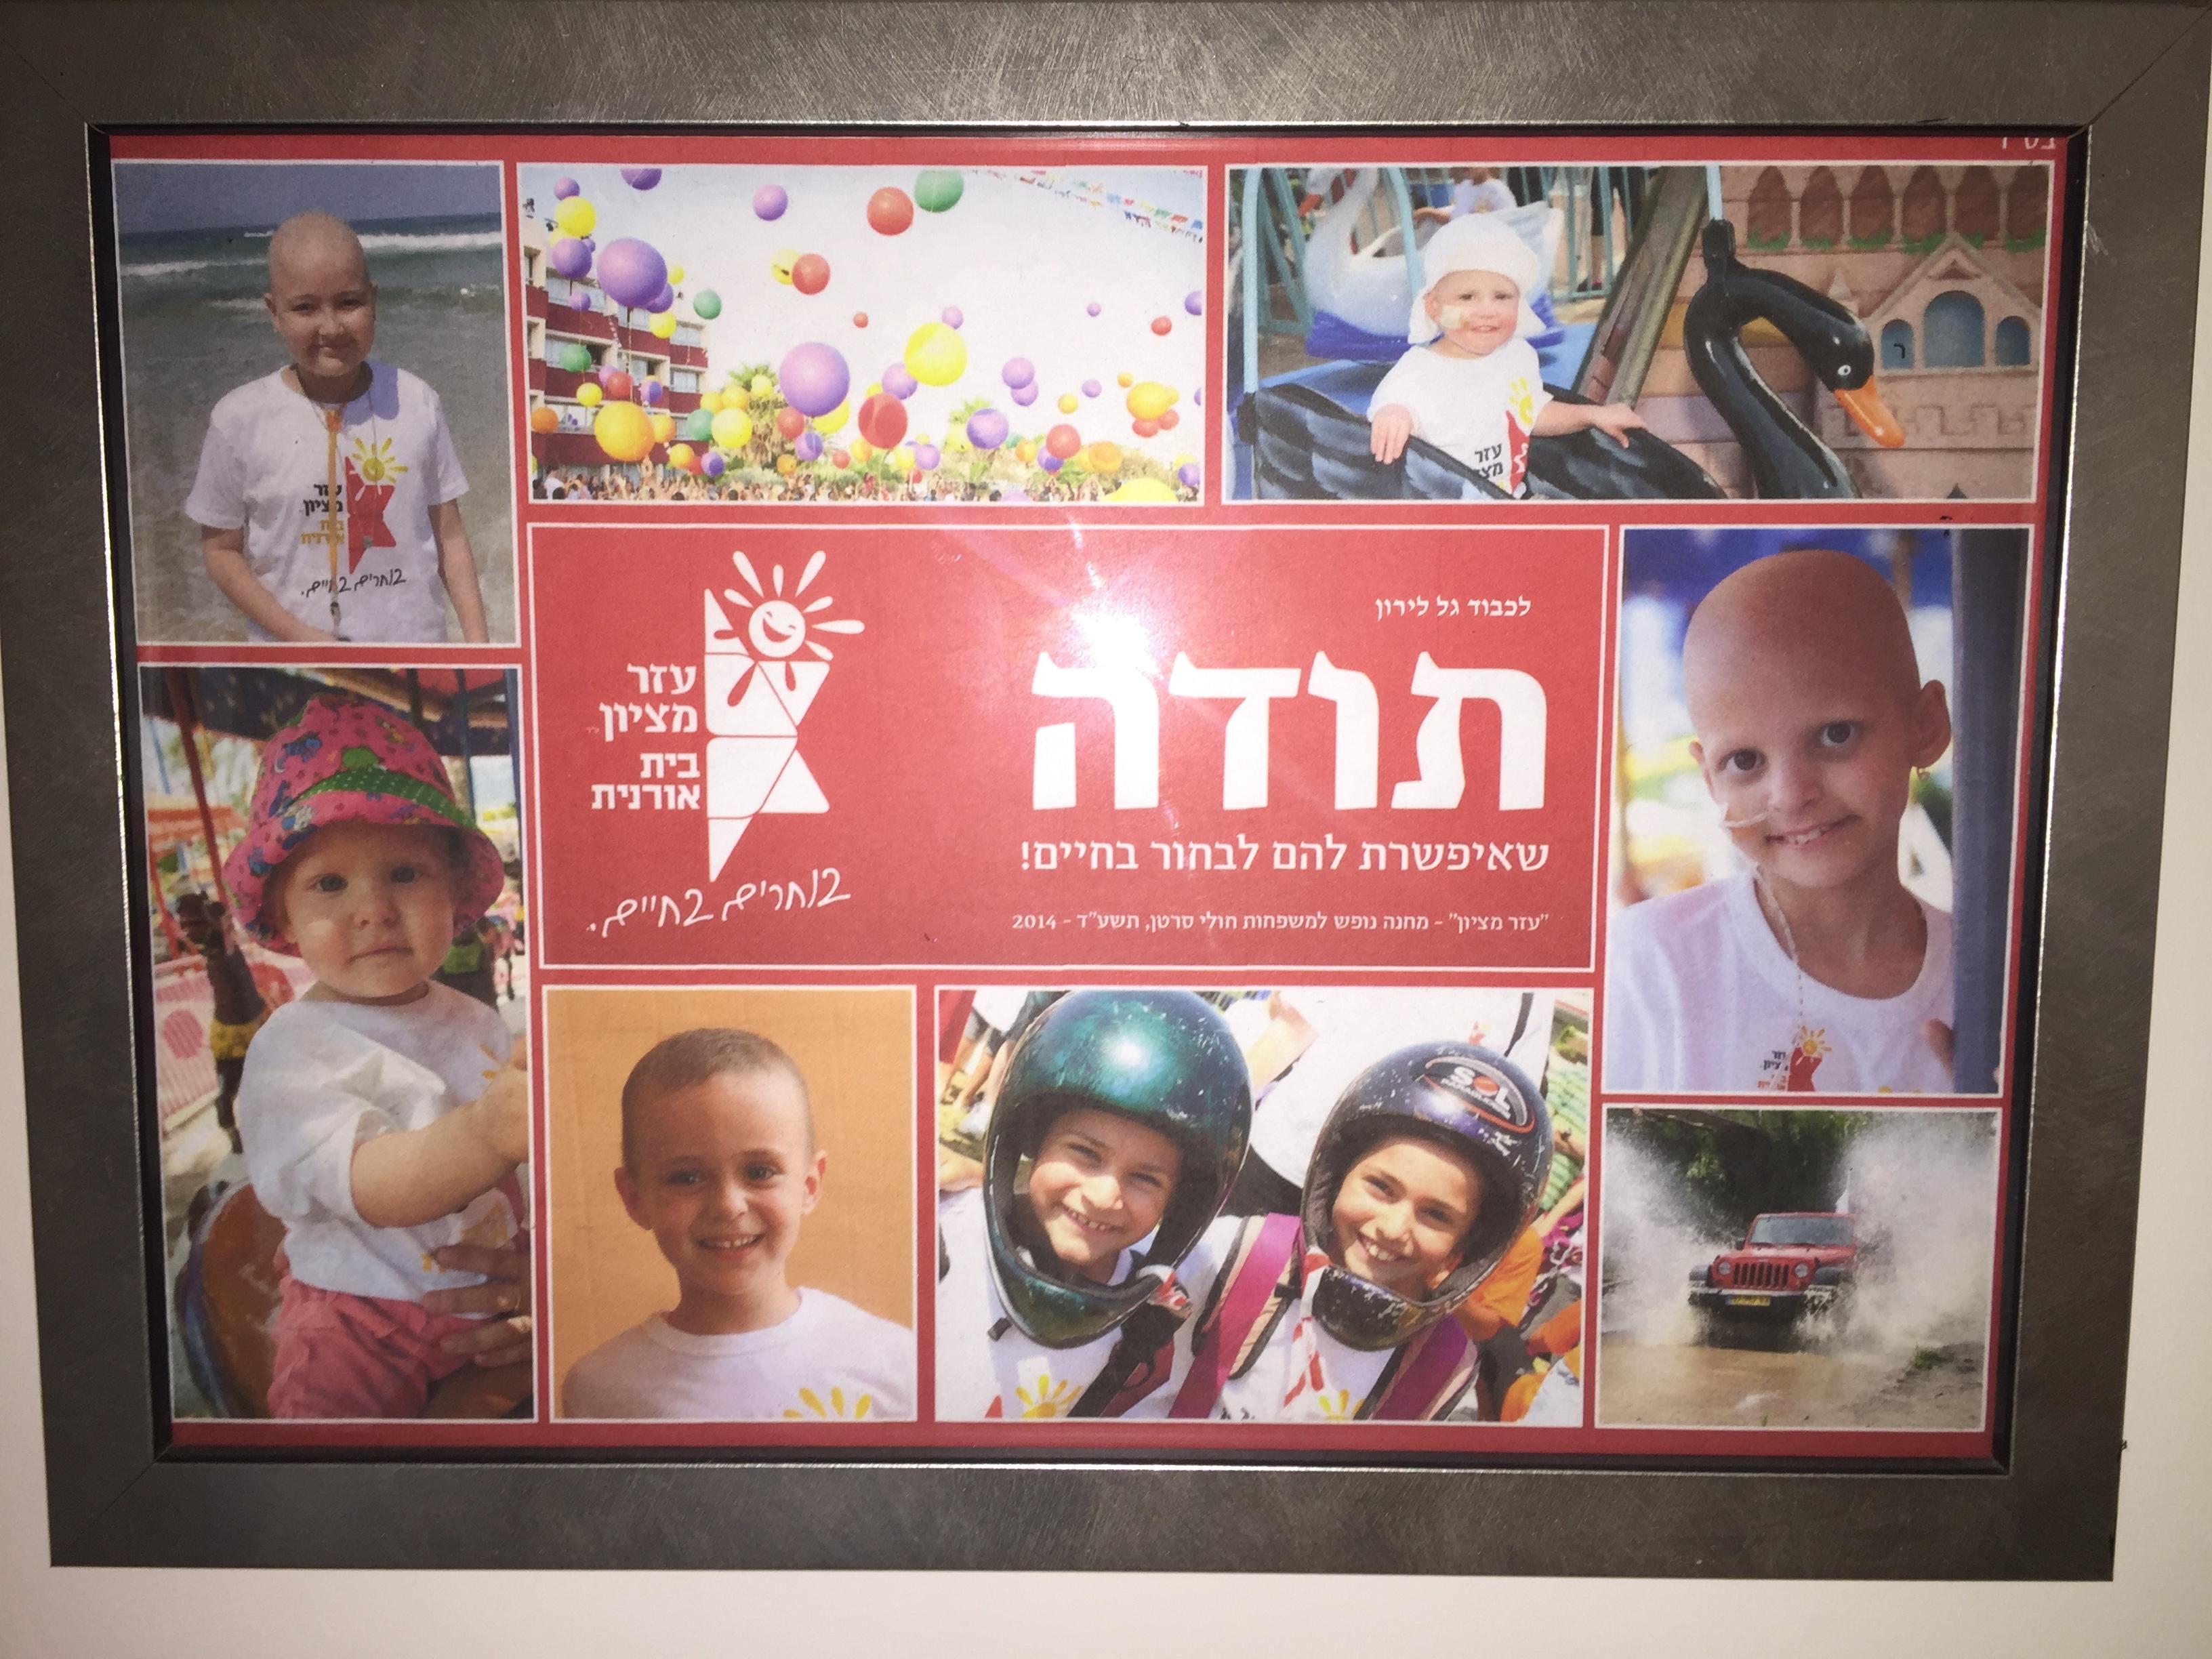 אירוע תרומה לעזר מציון לשנת 2014